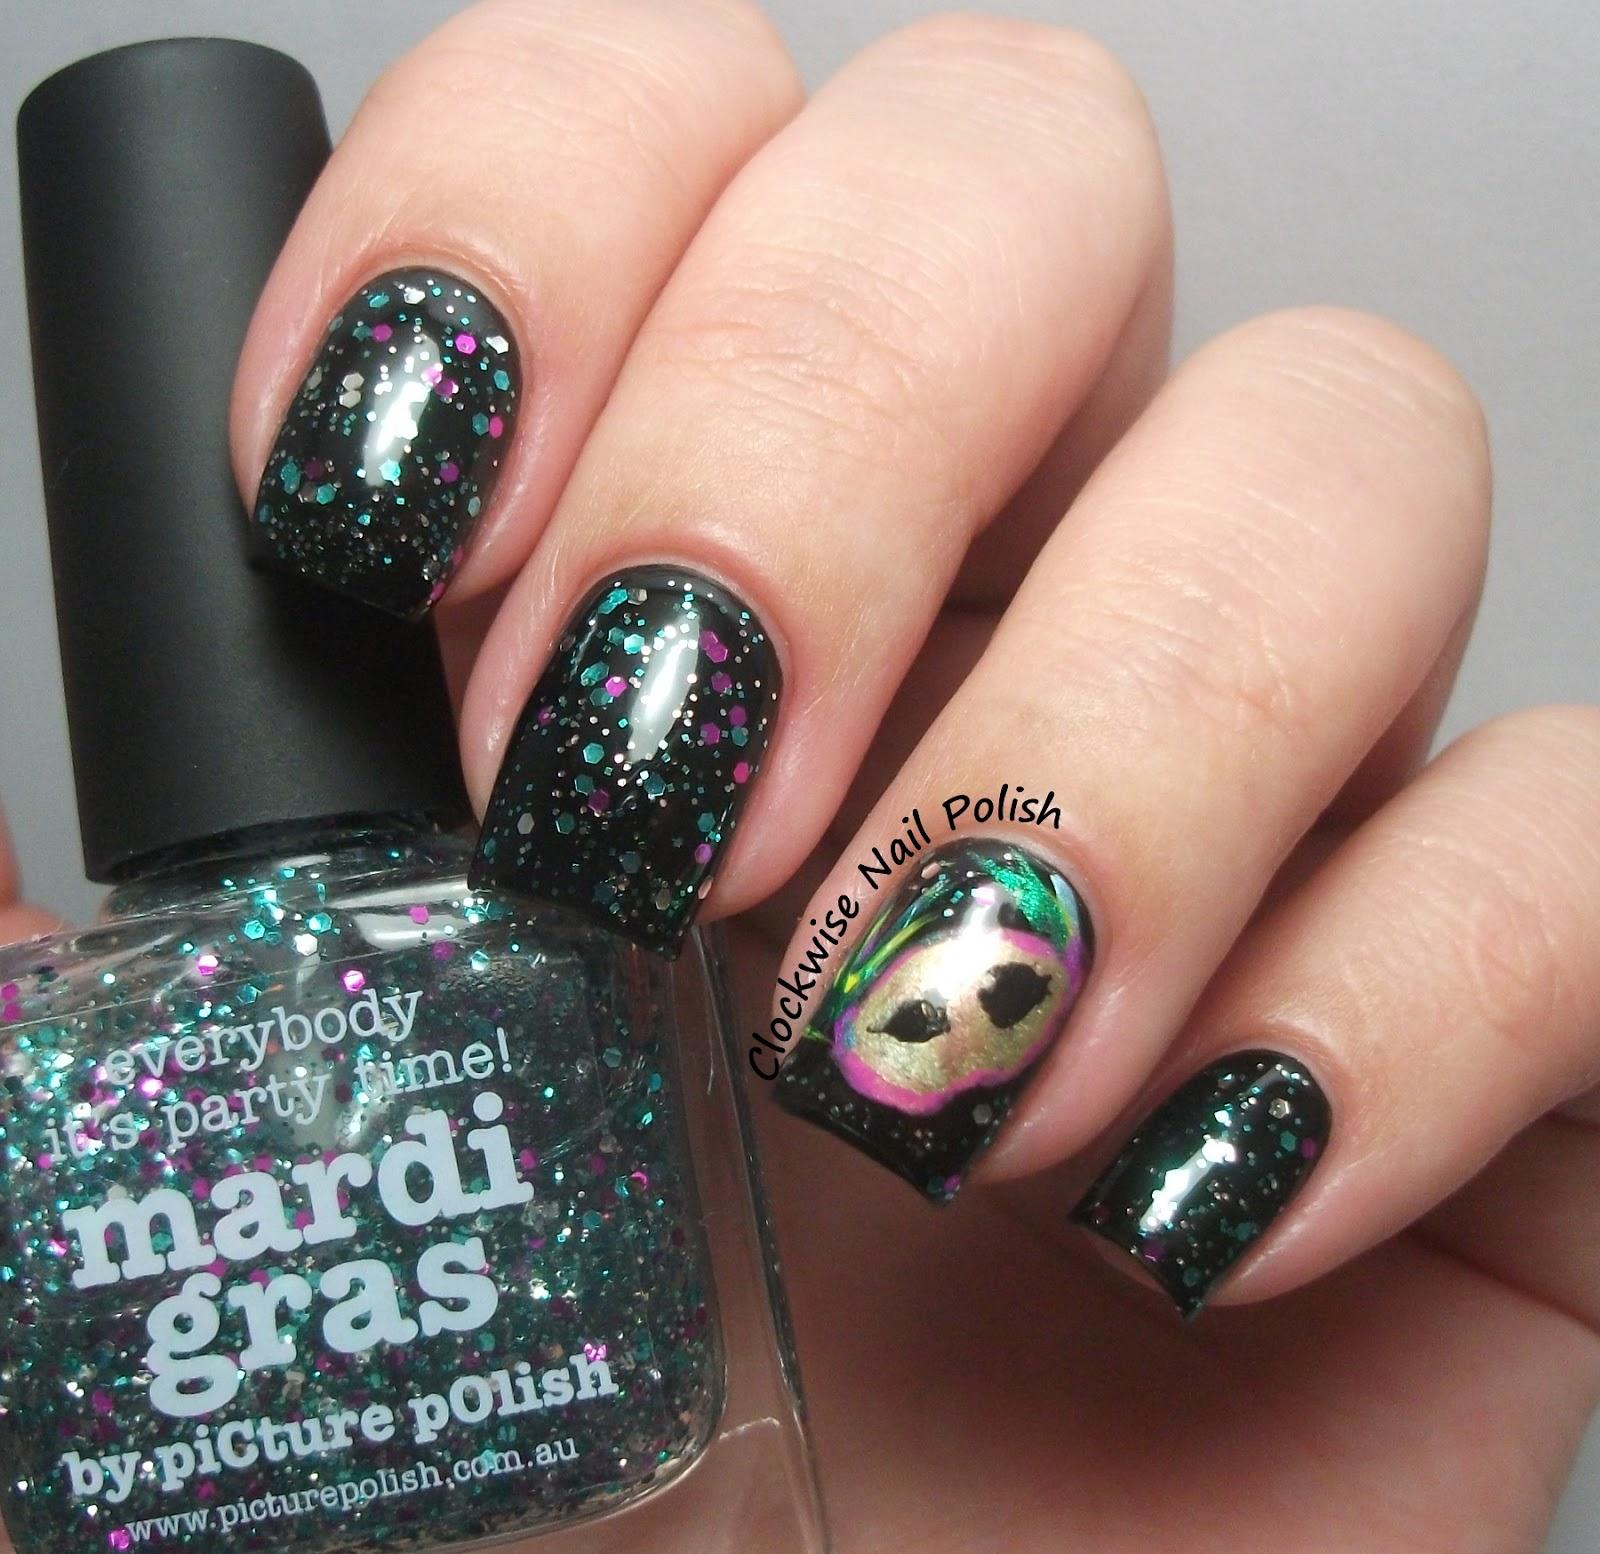 The Clockwise Nail Polish: Mardi Gras Nail Art